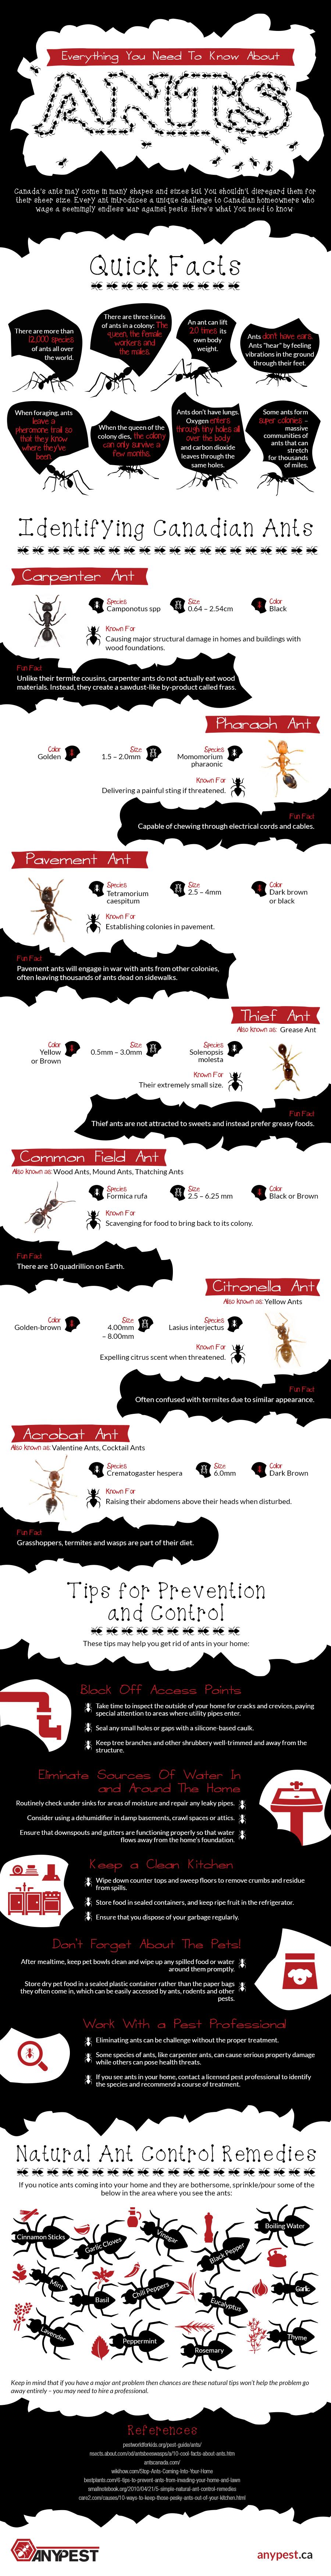 ants infographic